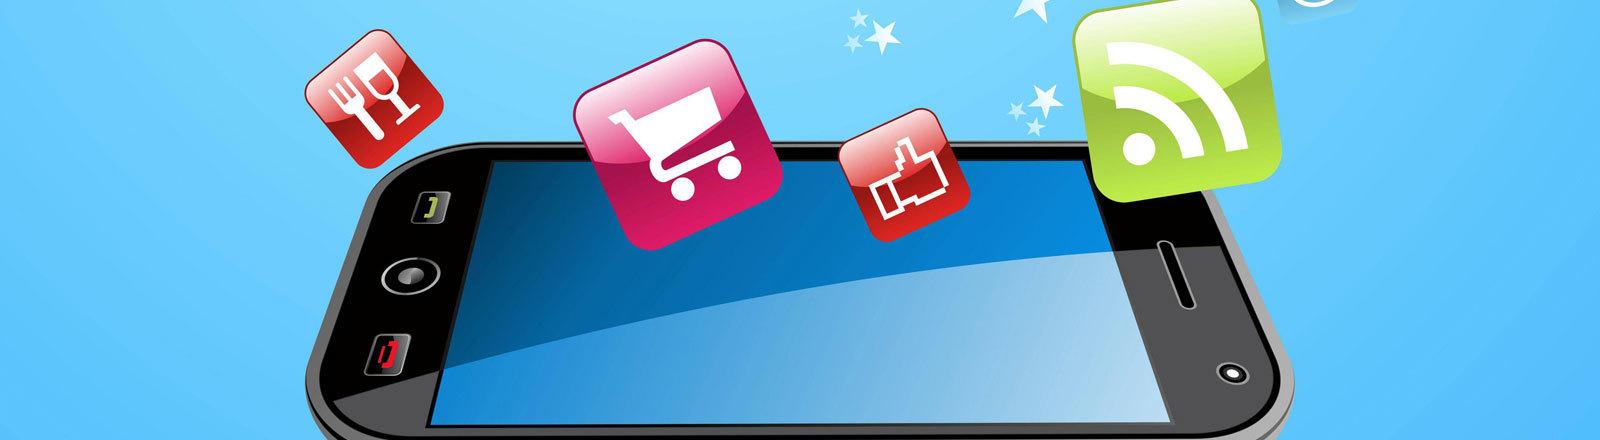 Symbolbild: Daten und Apps löschen